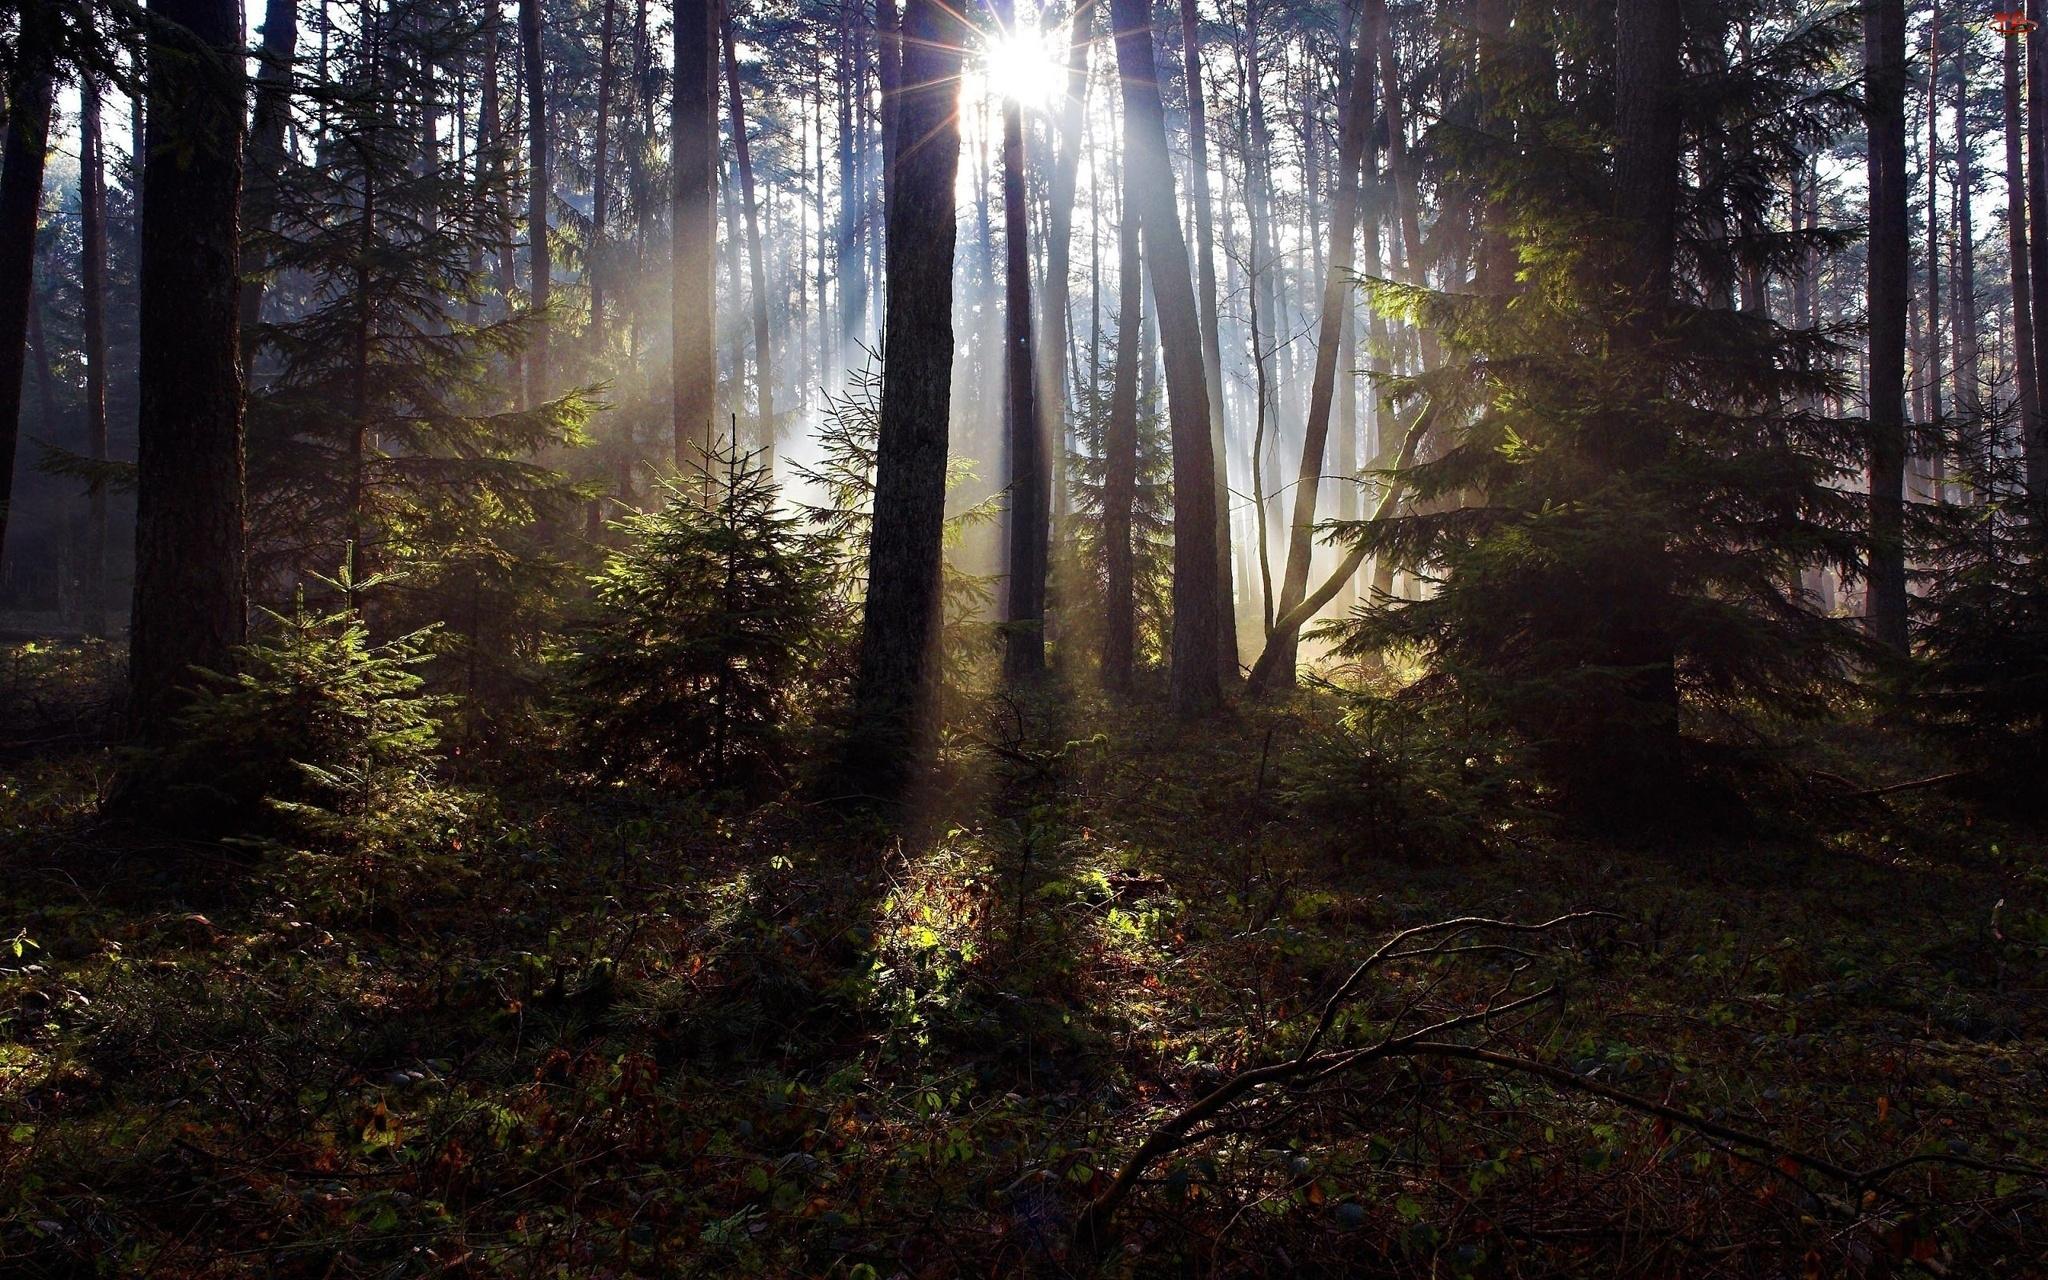 Poszycie, Prześwitujące, Las, Słońce, Drzewa, Leśne